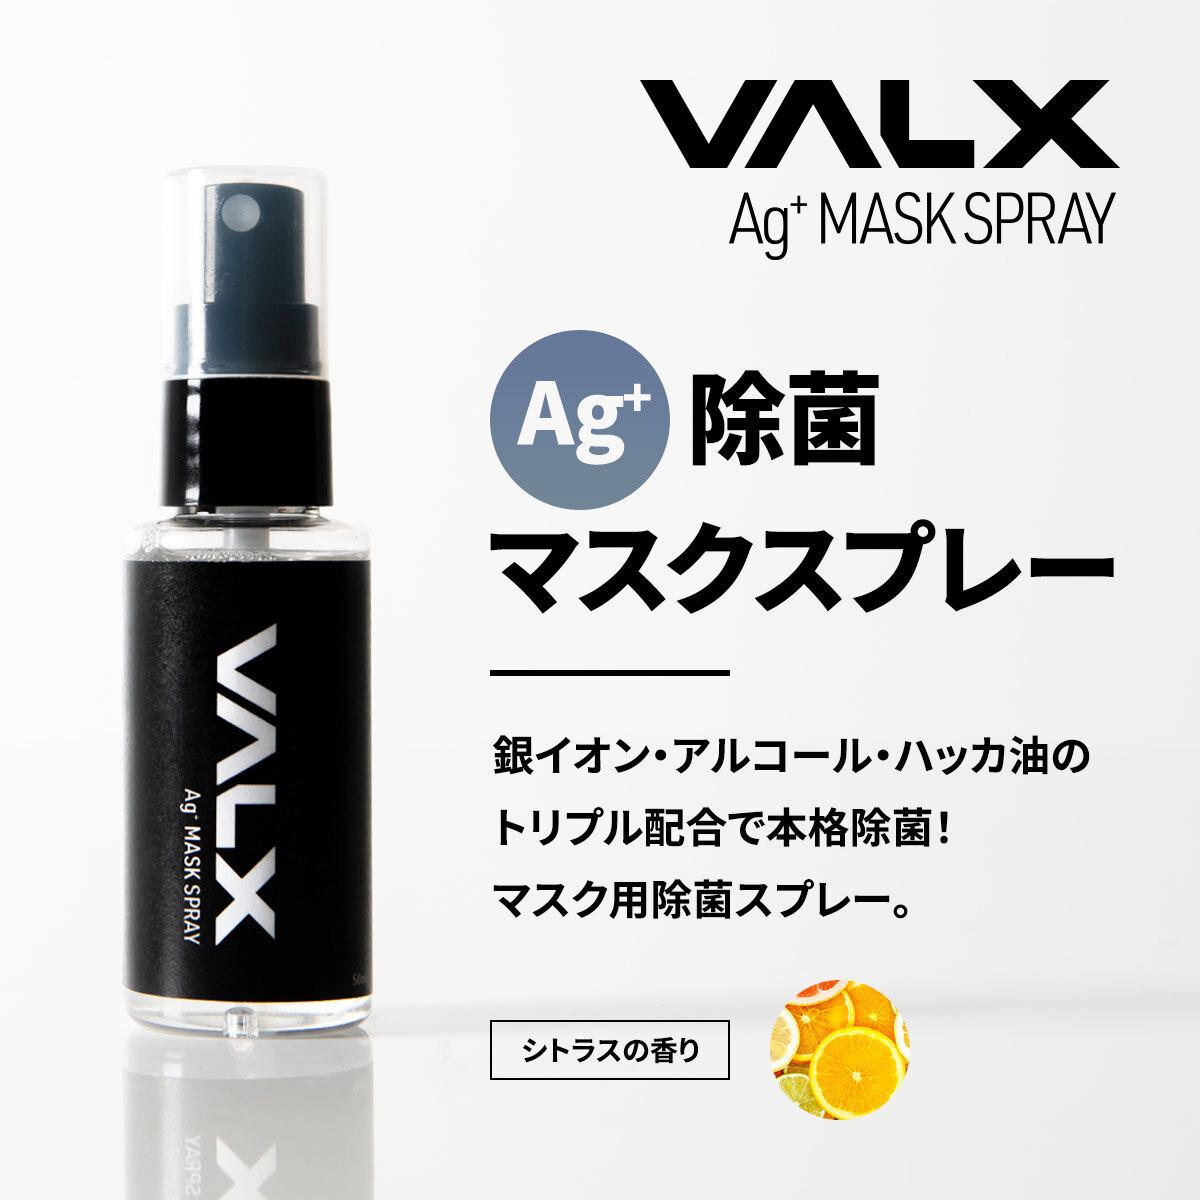 【VALX(バルクス) Ag+除菌マスクスプレー】50mL 携帯用 日本製 おしゃれ シトラス 除菌 アルコール マスク画像